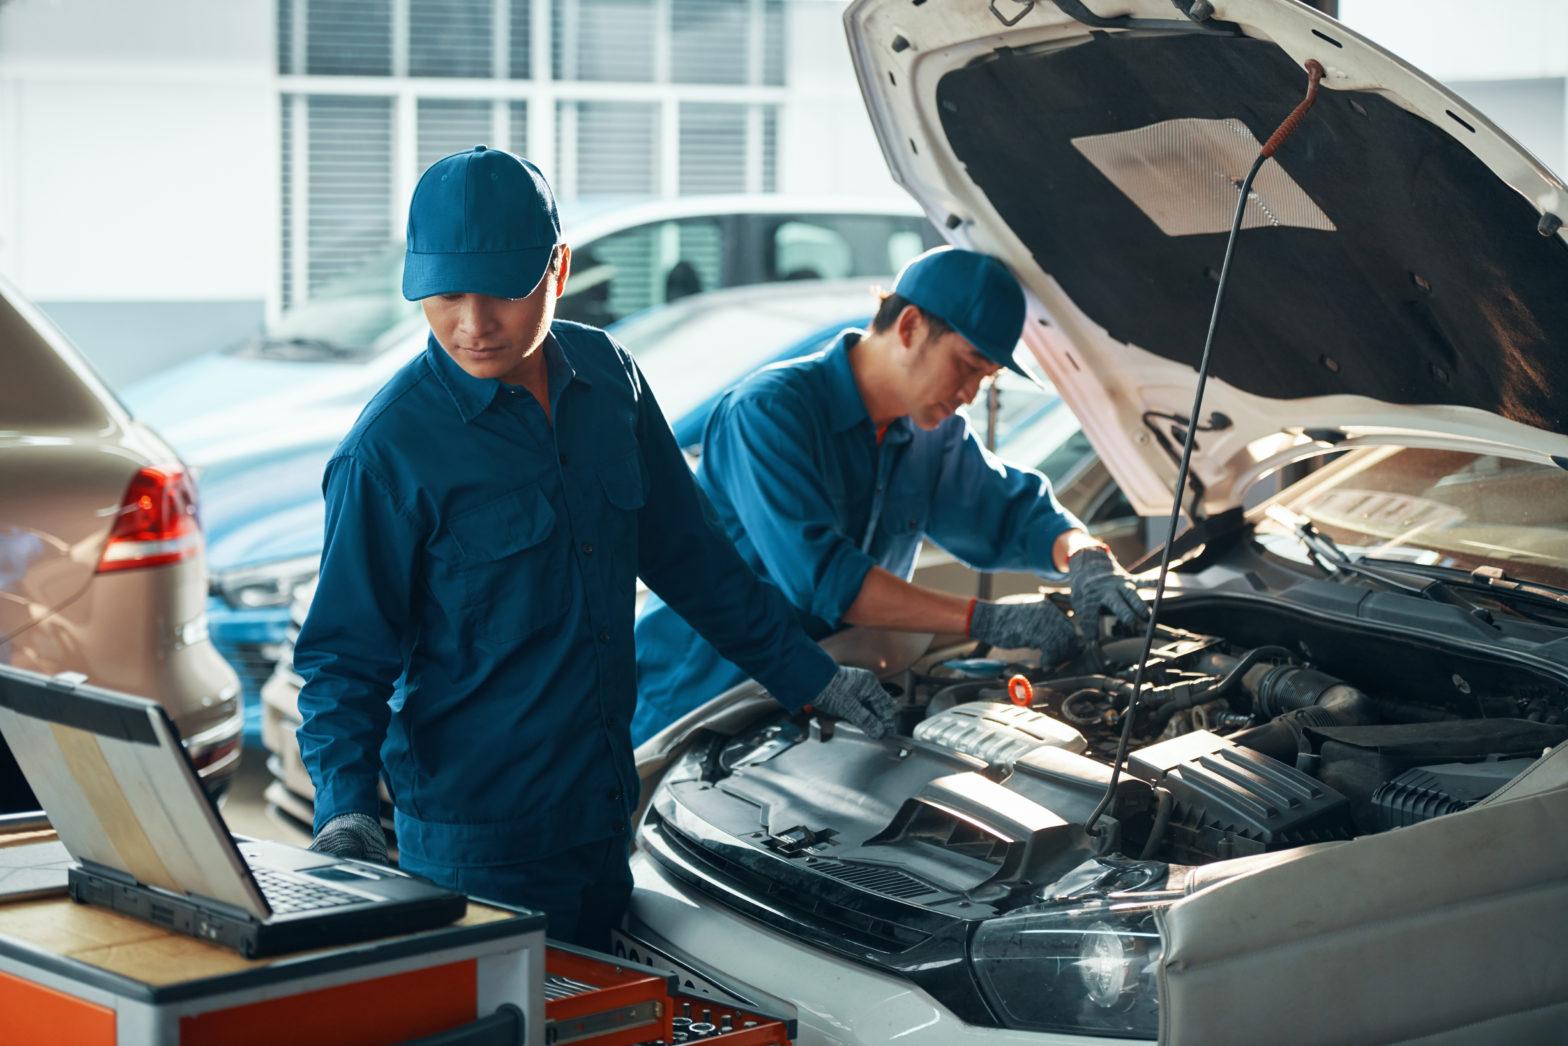 Automotive homologation services